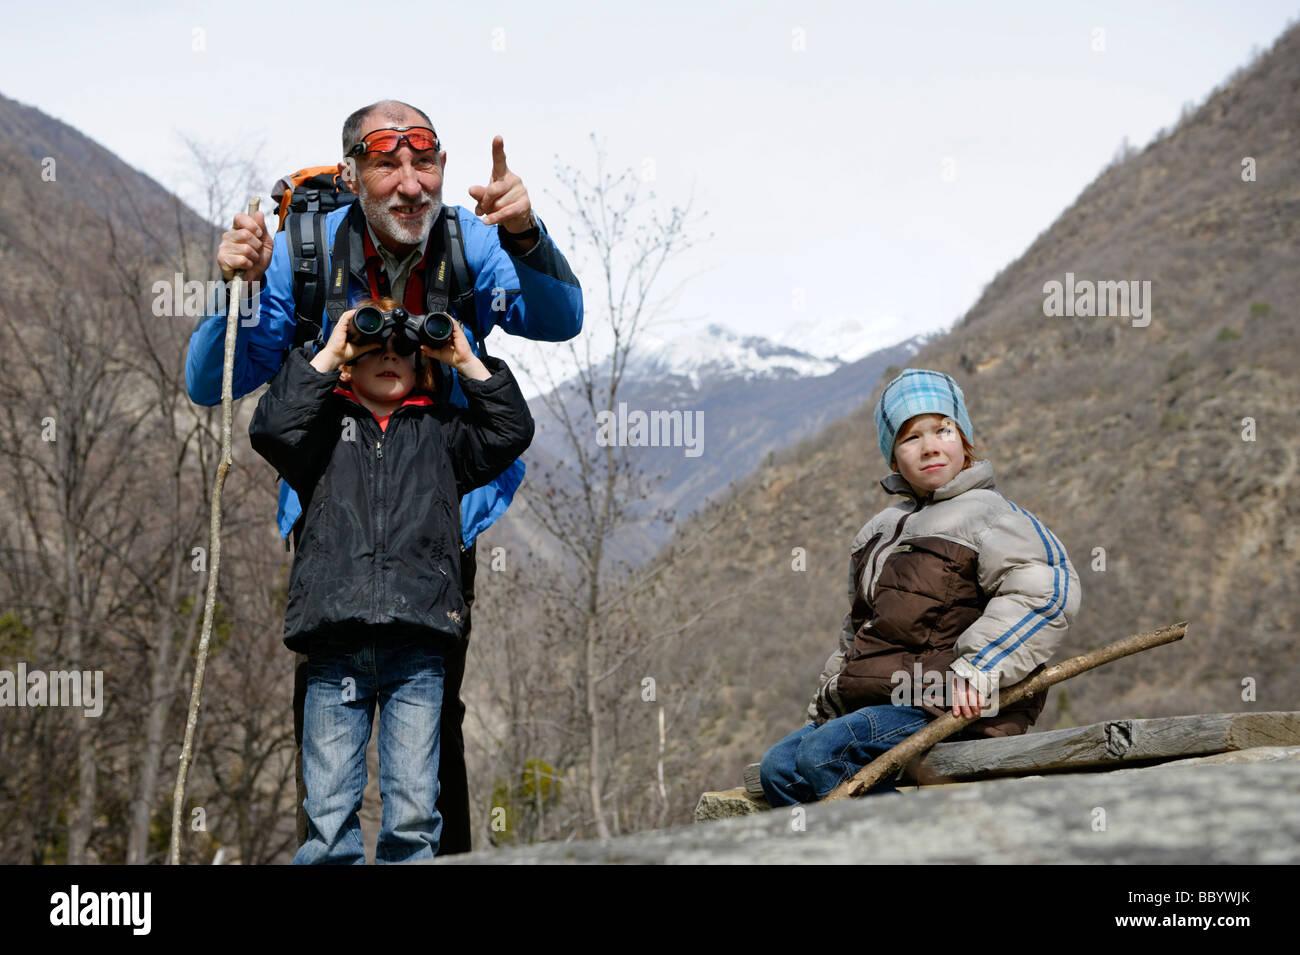 Grand-père montre à ses petits-enfants quelque chose avec ses jumelles Photo Stock